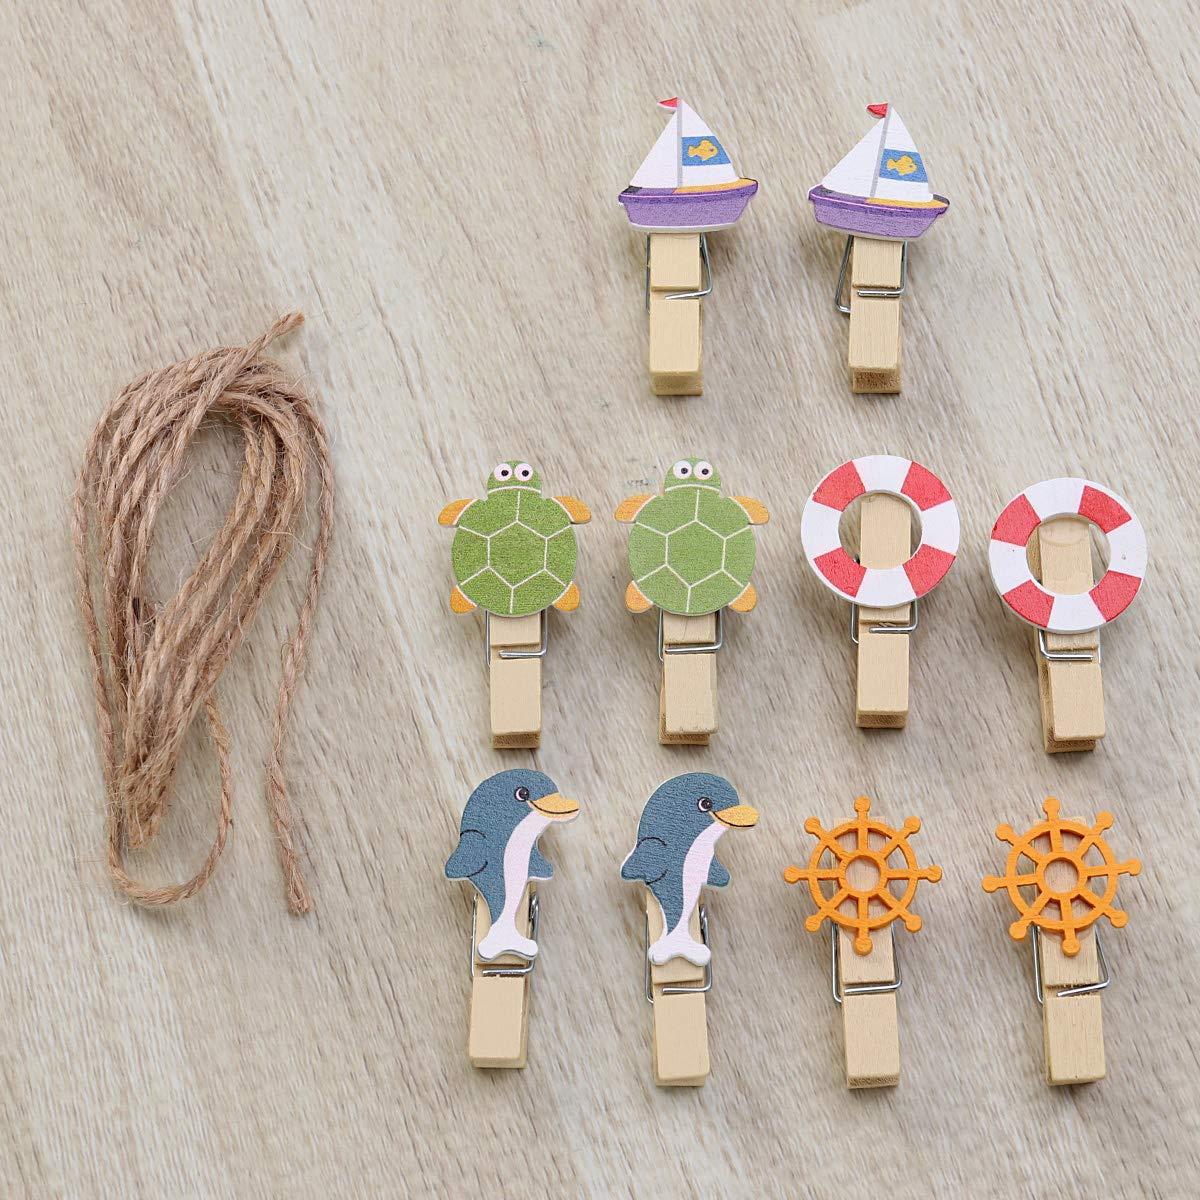 Amosfun 10pcs Bois Artisanat Pinces /à Linge Baleine Mini Pinces /à Linge Pinces Photo Clips en Bois Trombones avec Corde de Chanvre